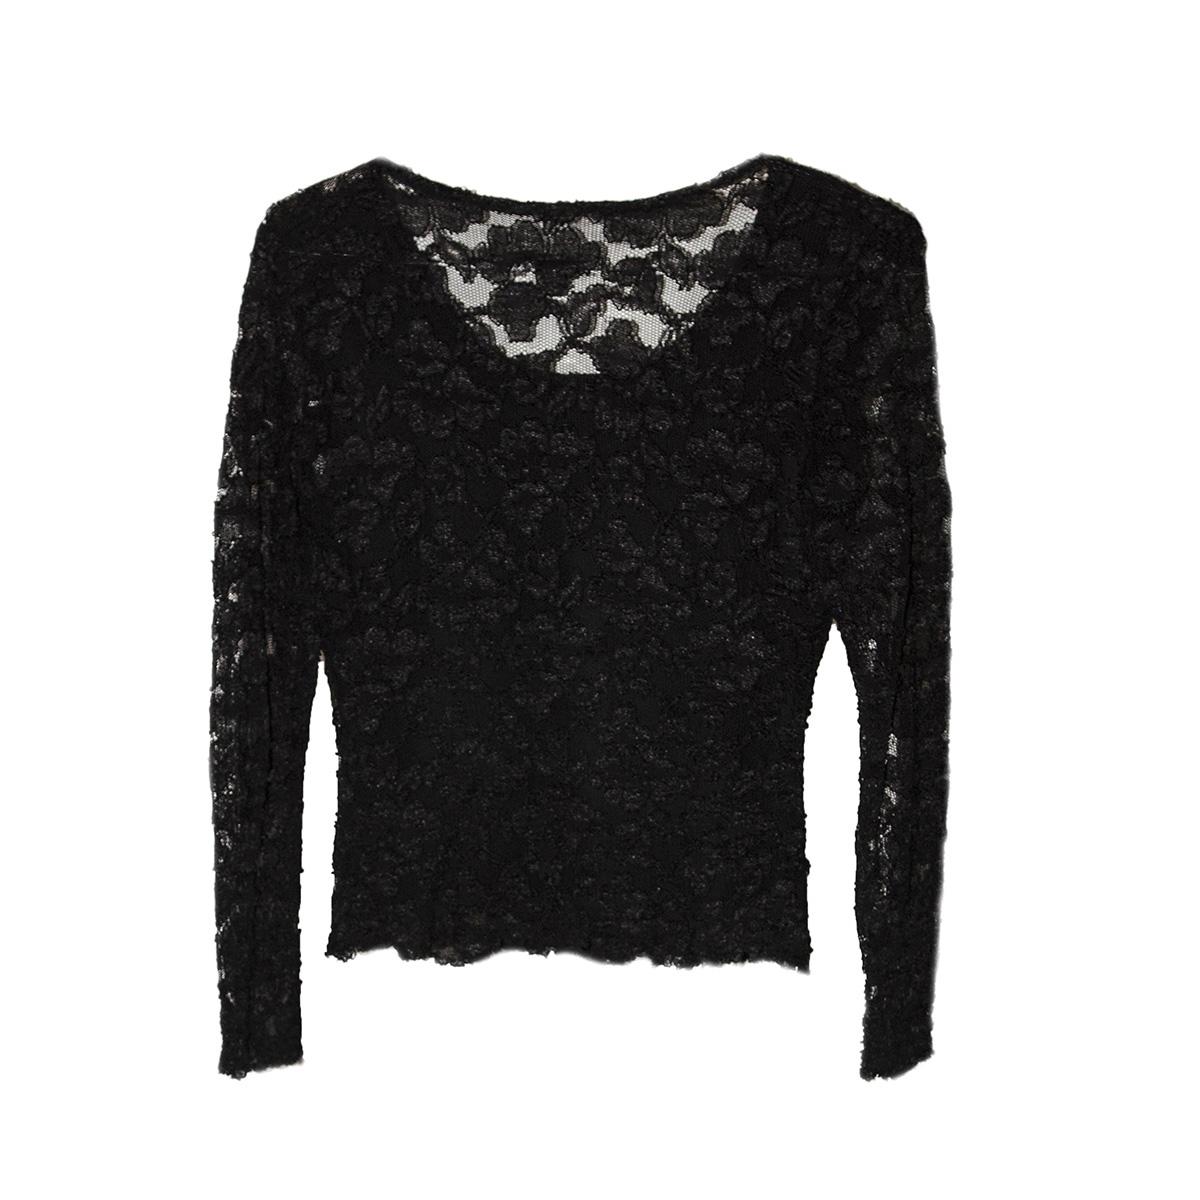 vintage black lace top